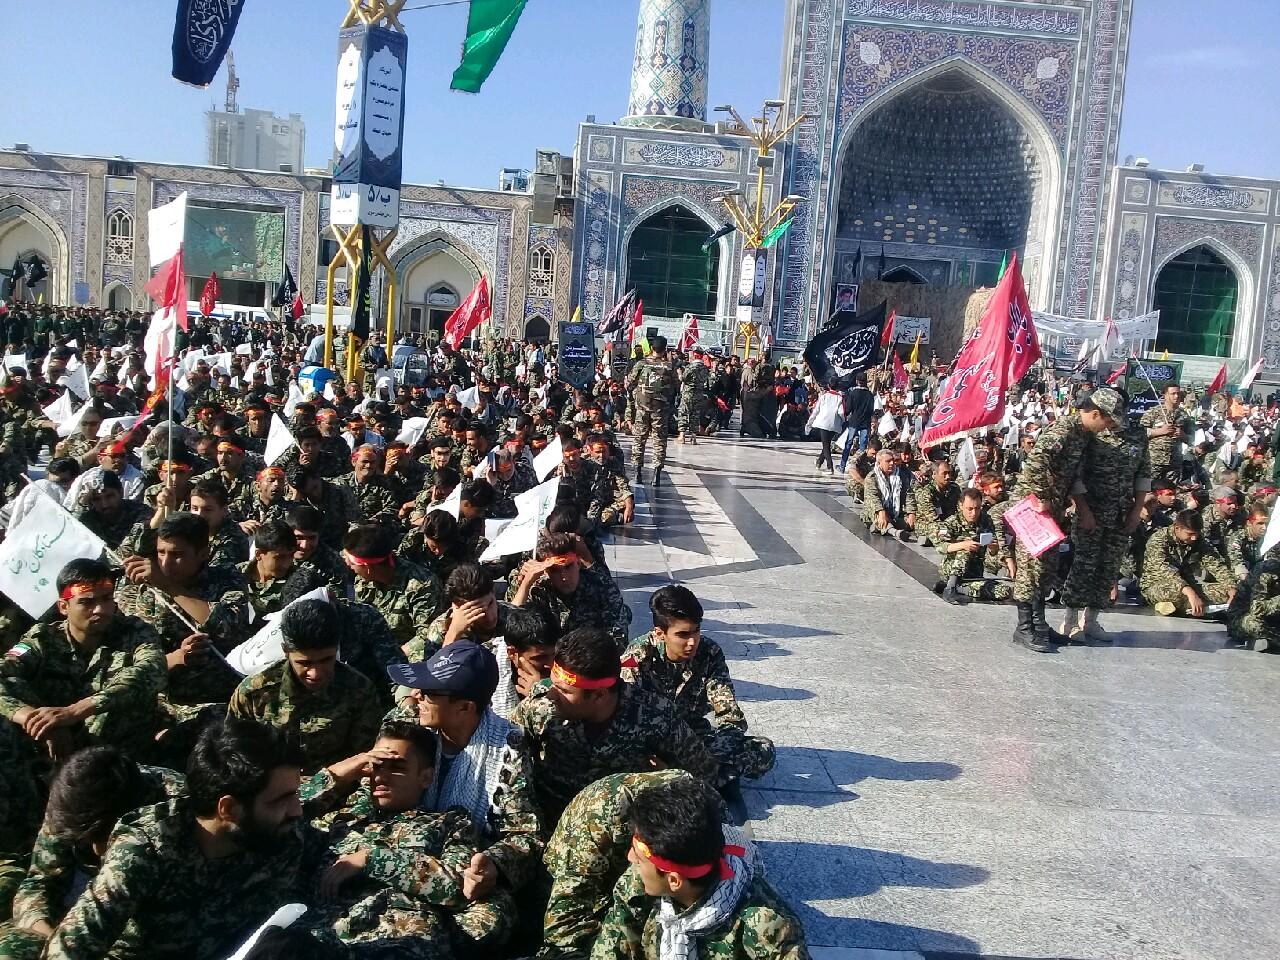 تجمع باشکوه ۳۶ هزار بسیجی در حرم مطهر رضوی + تصویر